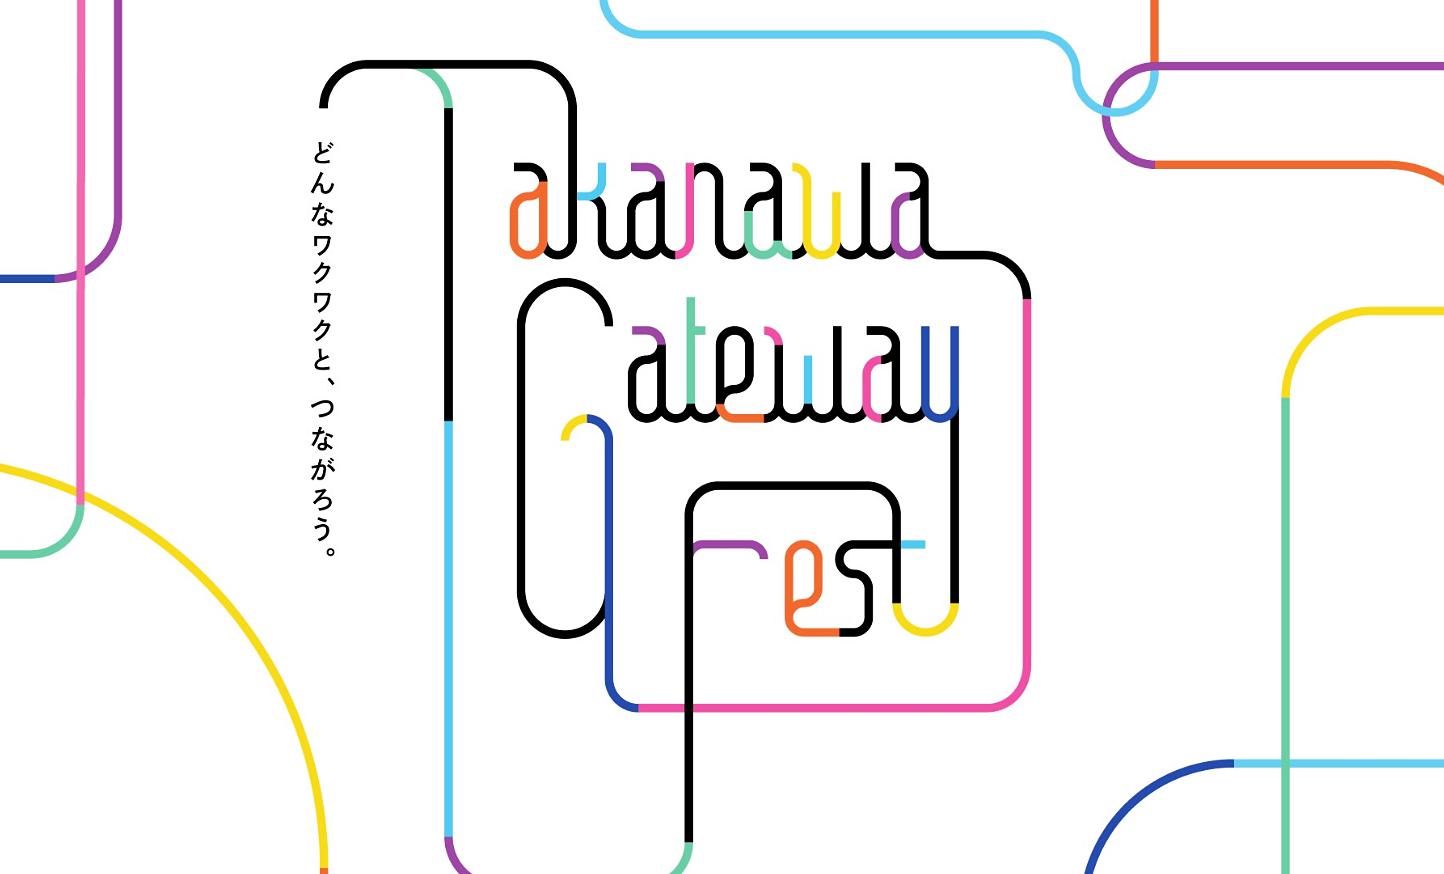 歌手の山本 彩が3rdAlbum『a』を発売!直筆サイン入りの商品が当たるARキャンペーンを開催中